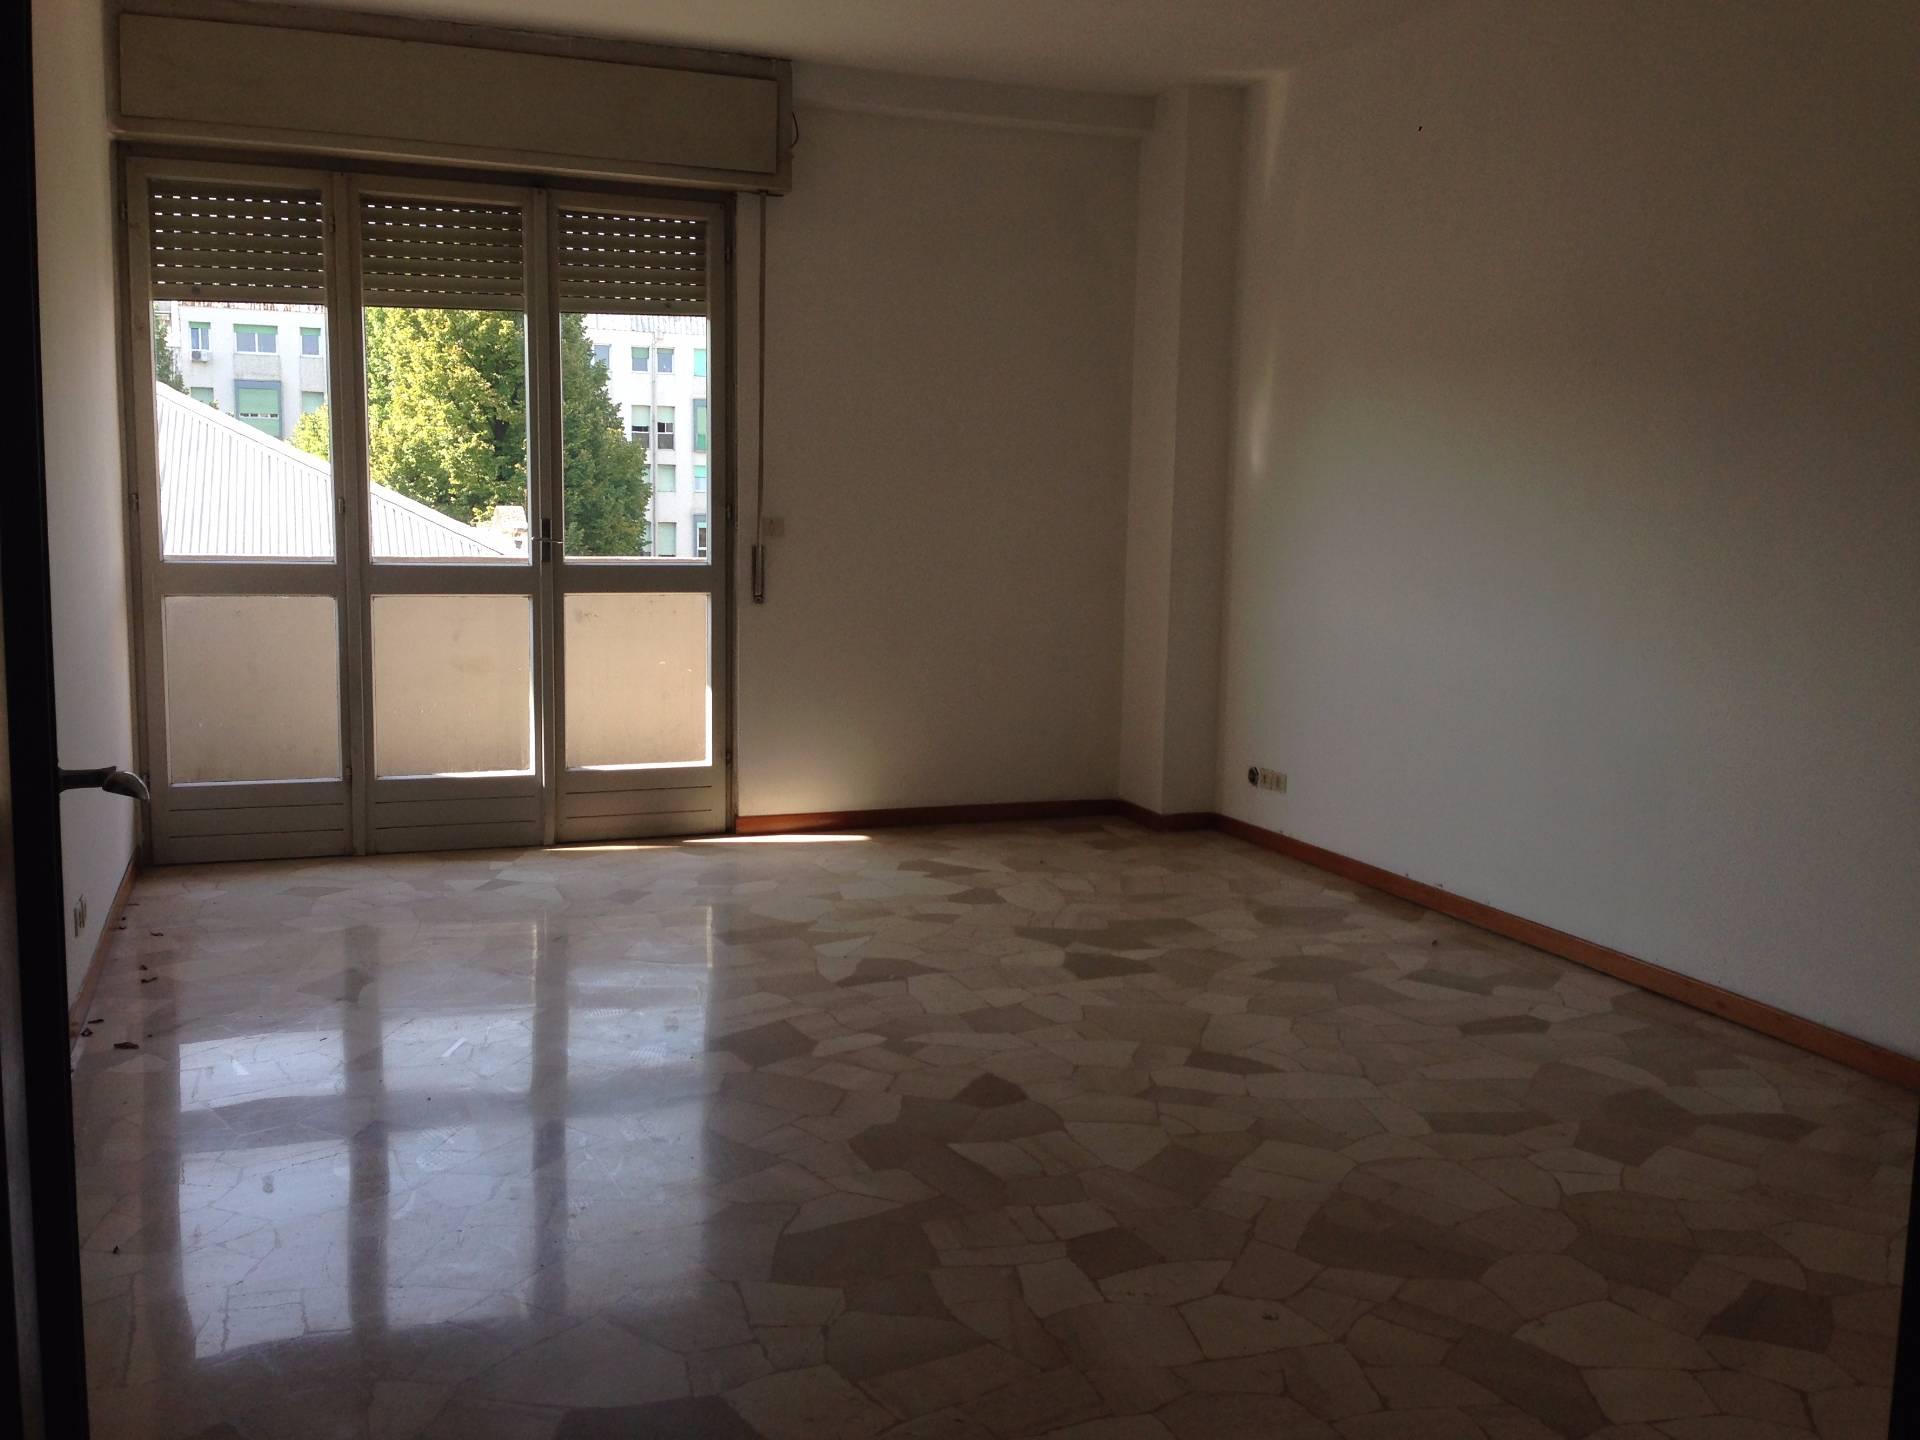 appartamento pordenone vendita  centro  eurocase soluzioni immobiliari